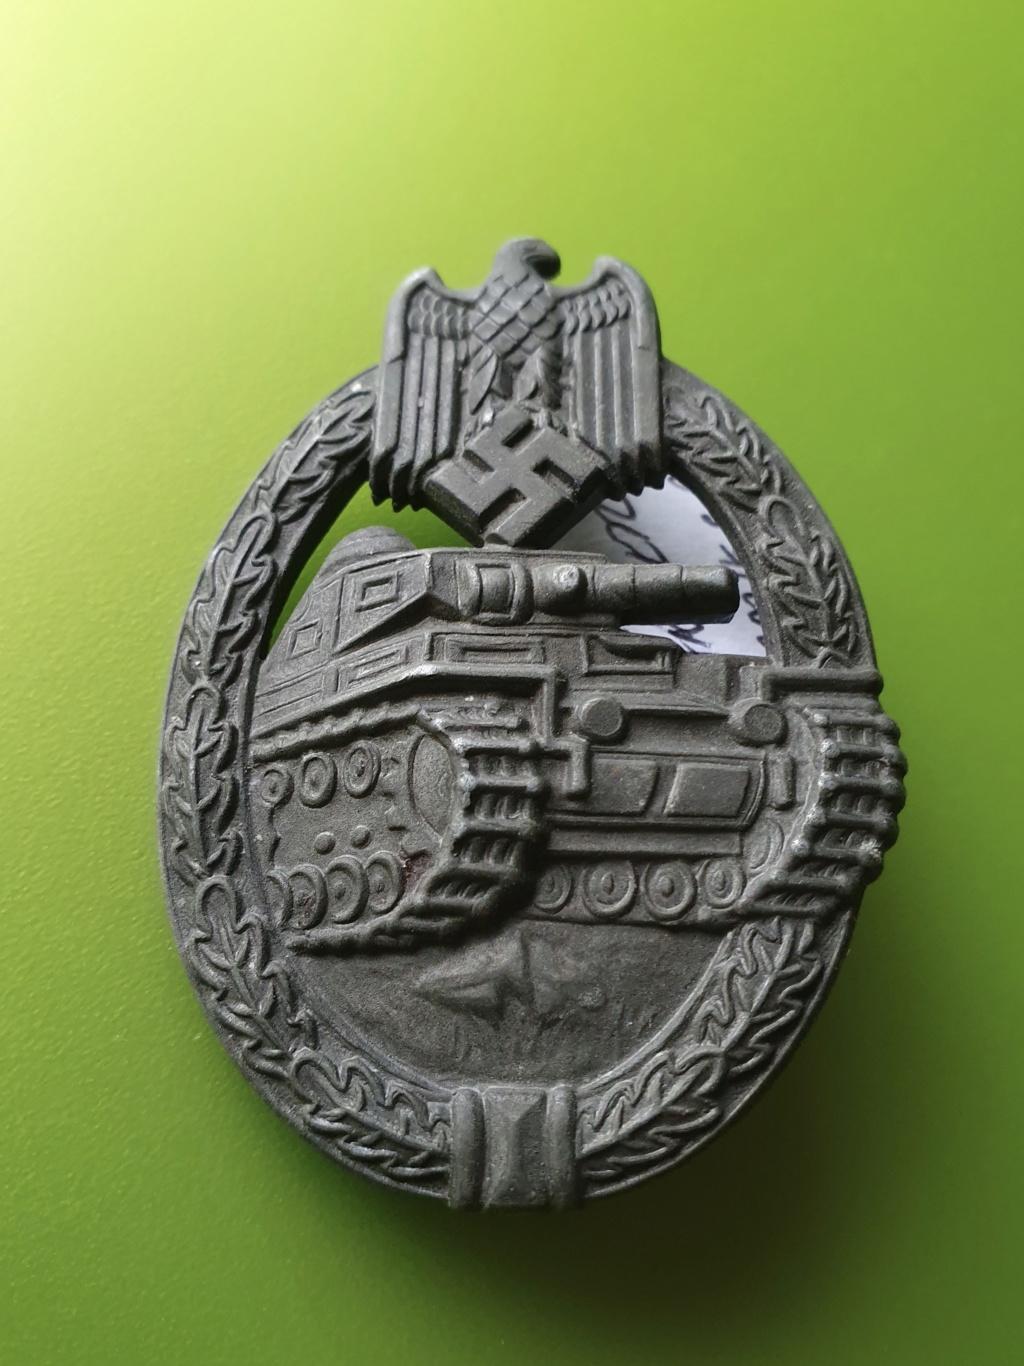 Authentification Panzerkampfabzeichen F2412910